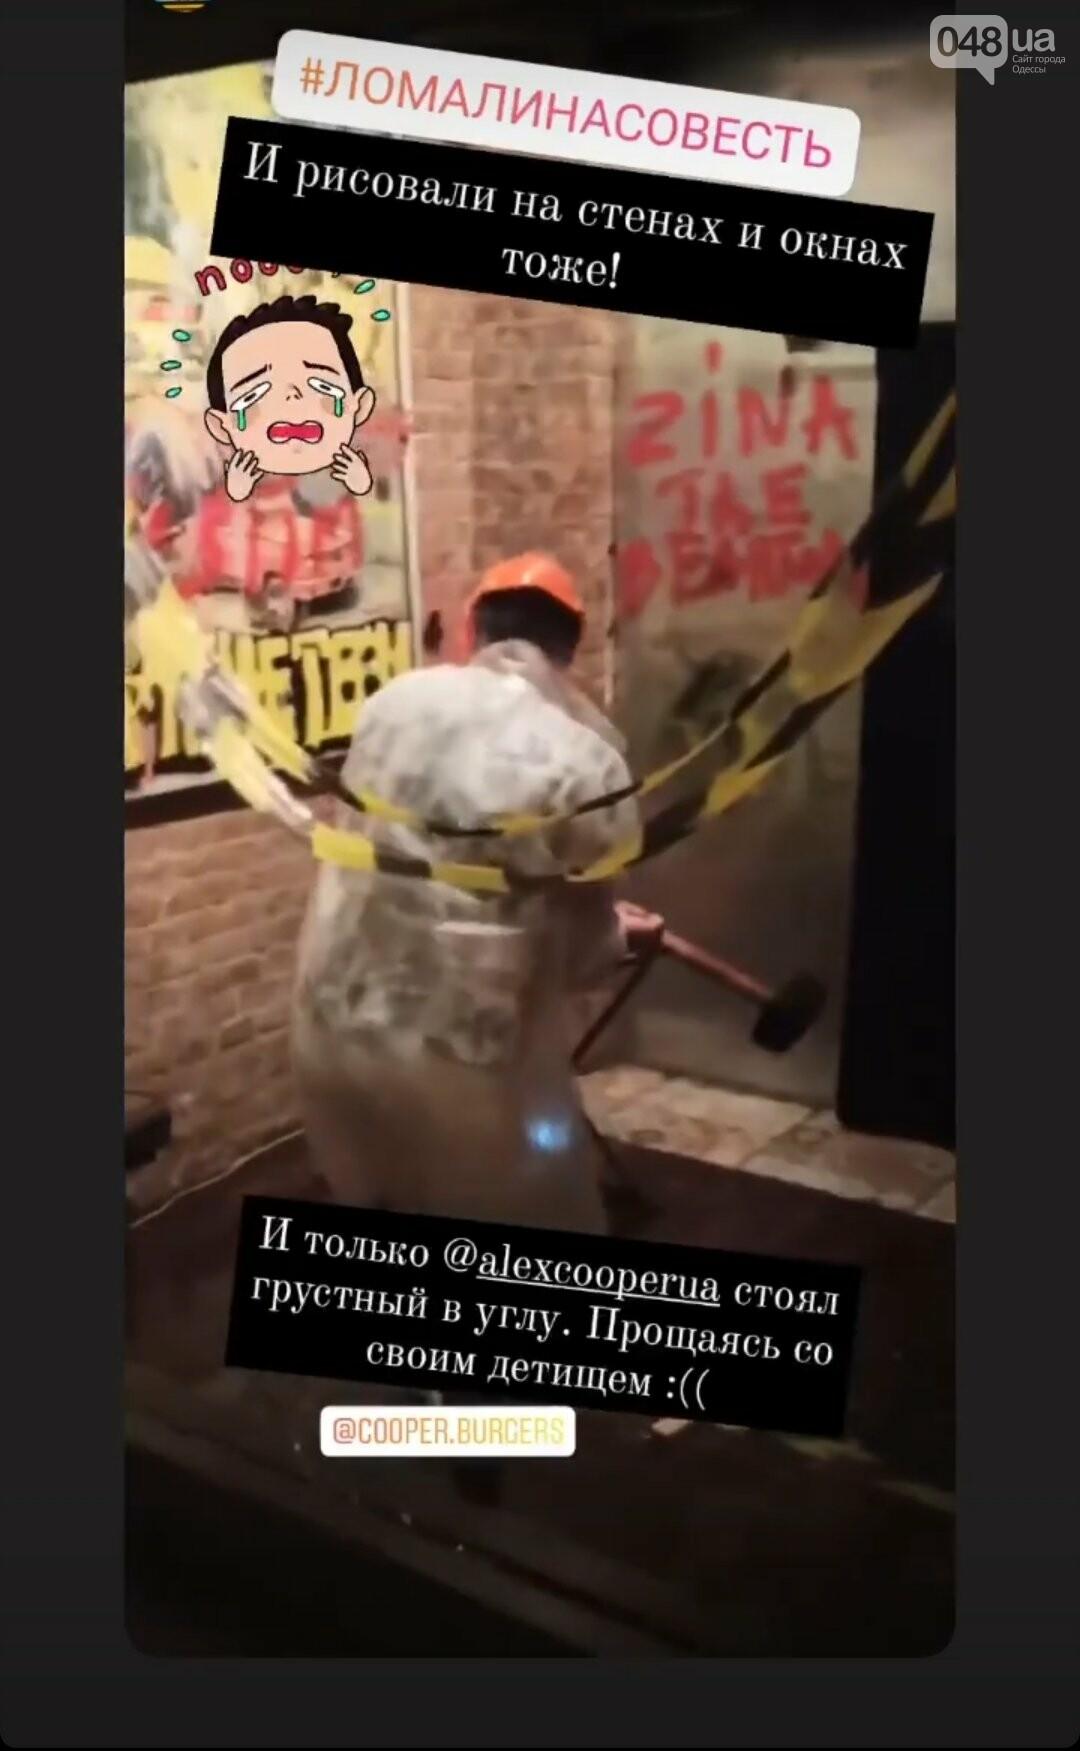 В Одессе в честь закрытия двух ресторанов владелец и посетители устроили погром, - ФОТО4